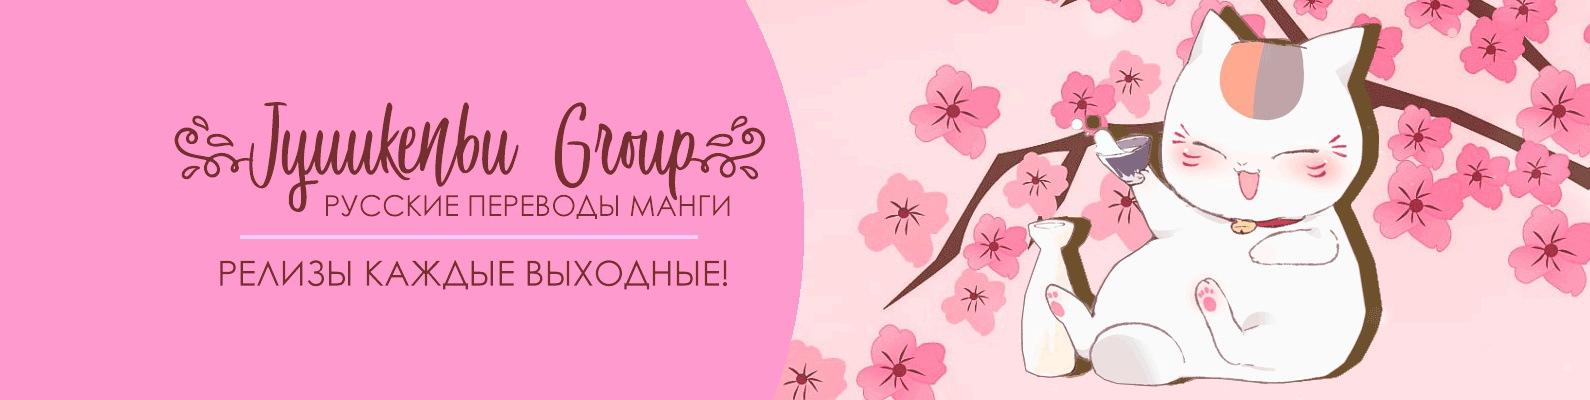 русские переводы